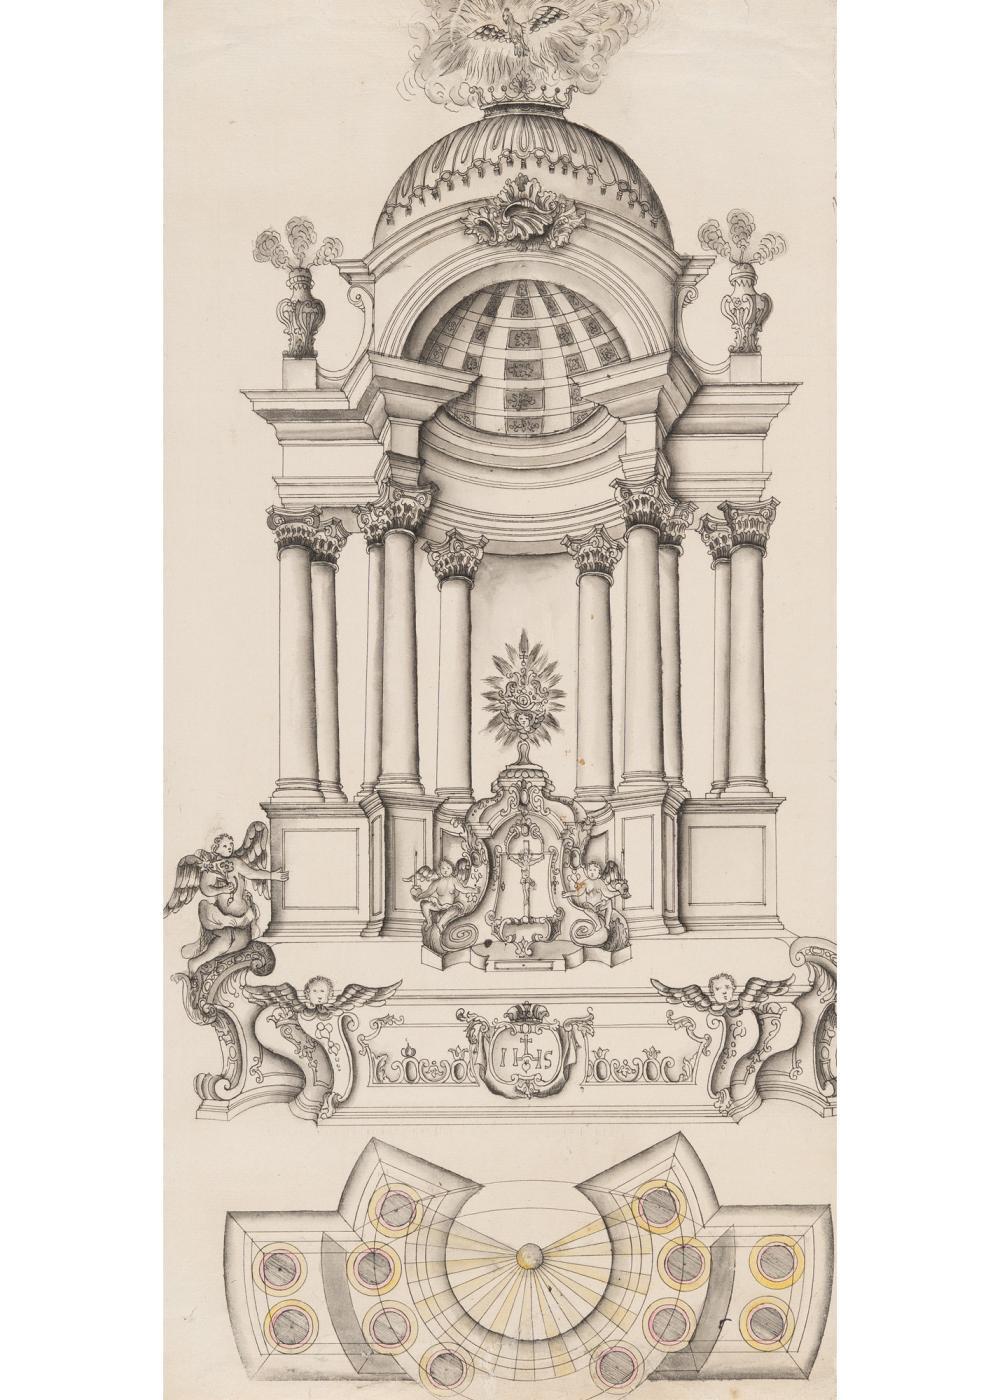 Österreichisch – Entwurf für einen Altar